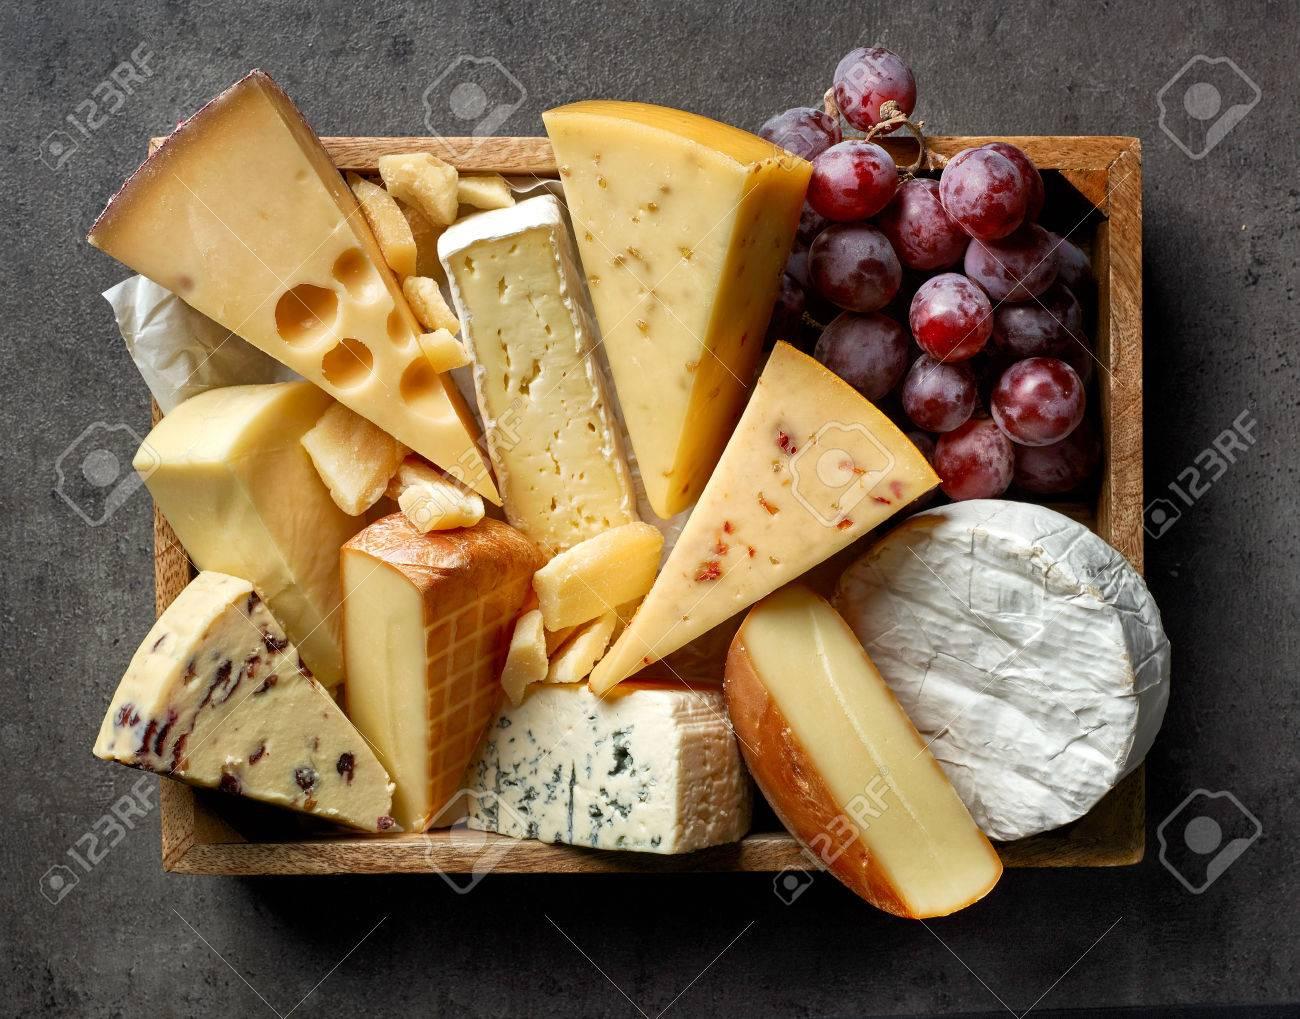 divers types de fromage sur la table de cuisine gris fonce vue de dessus